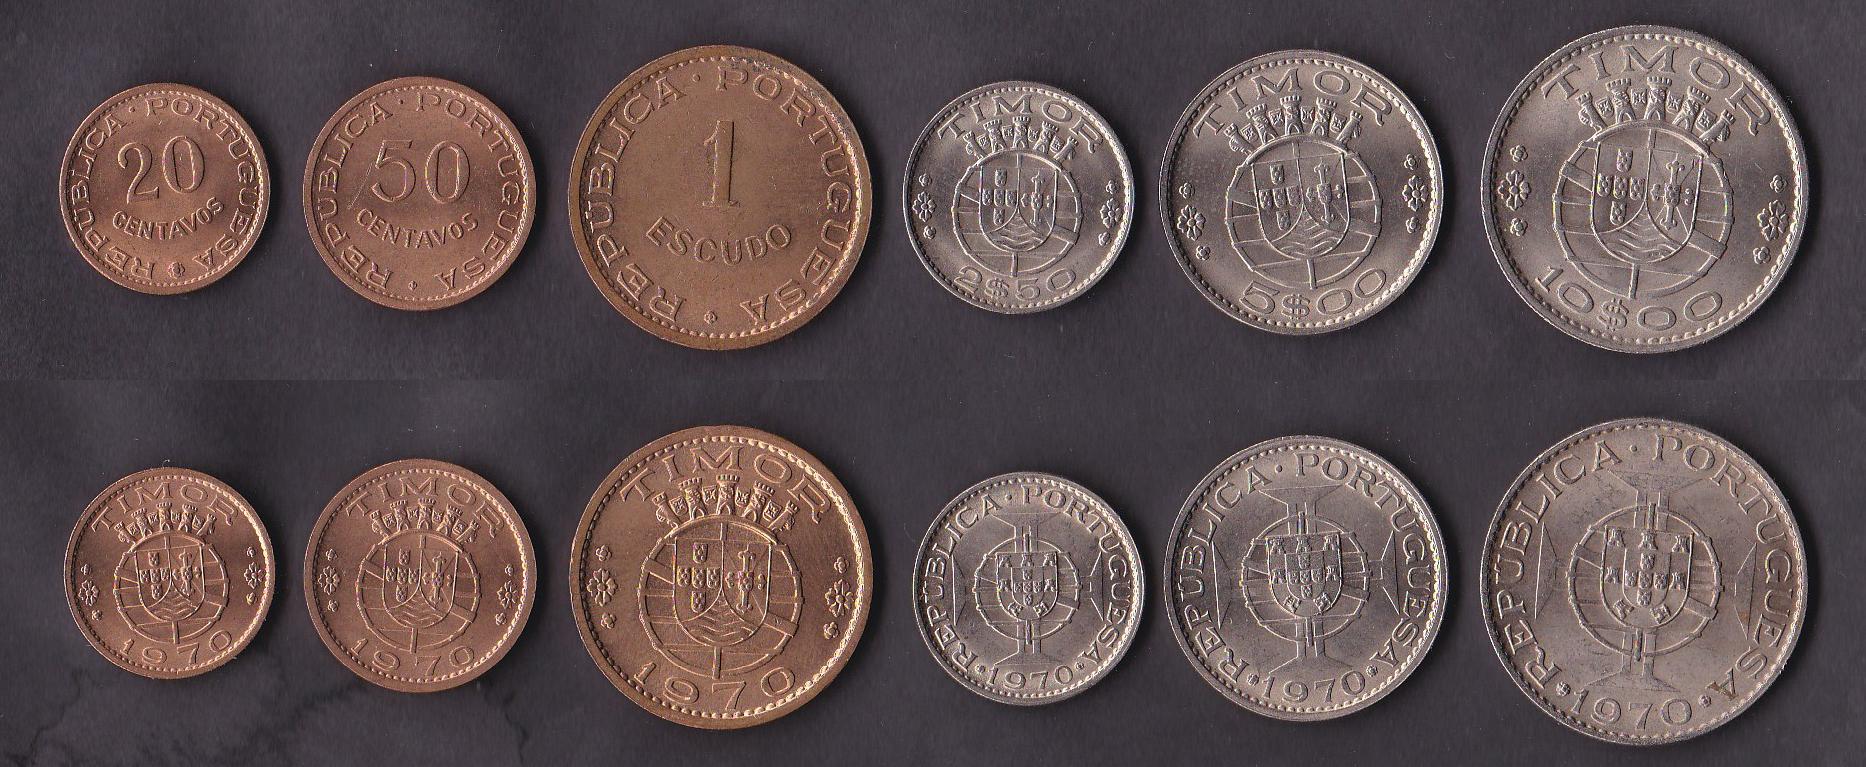 Монетный двор нумизматический сайт монеты альбомы планшеты под монеты